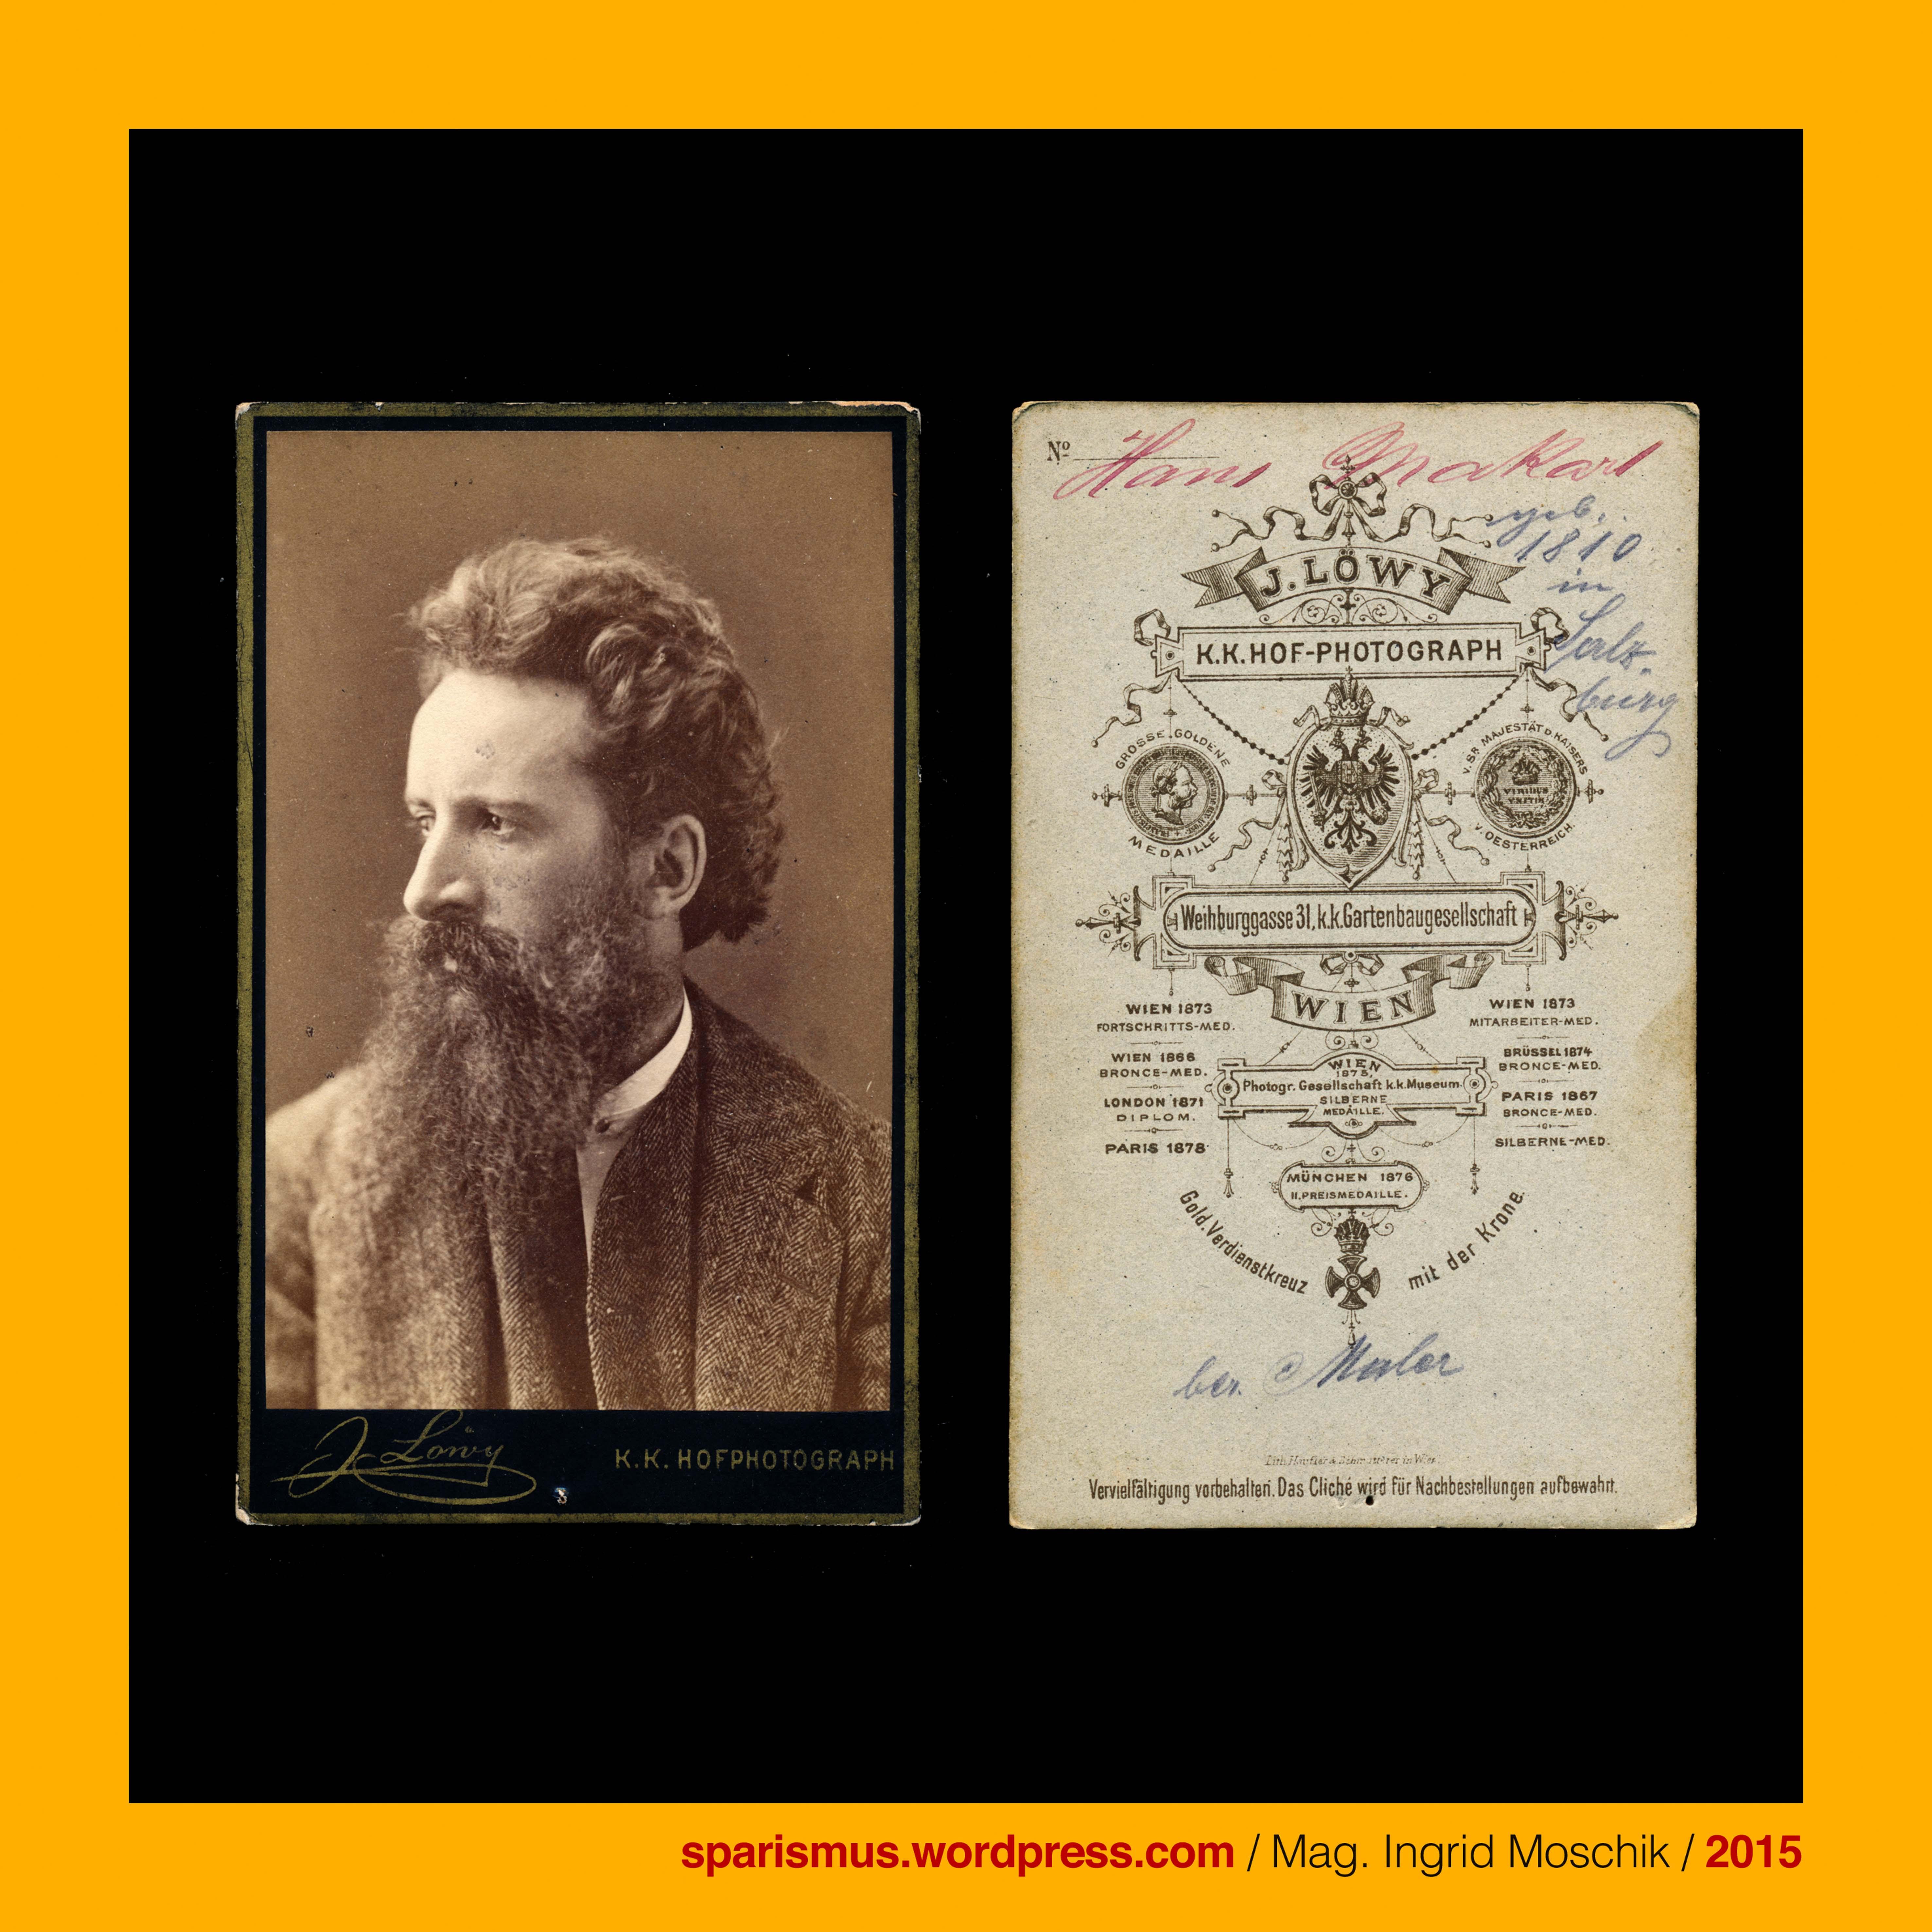 J Lowy Josef 1835 1902